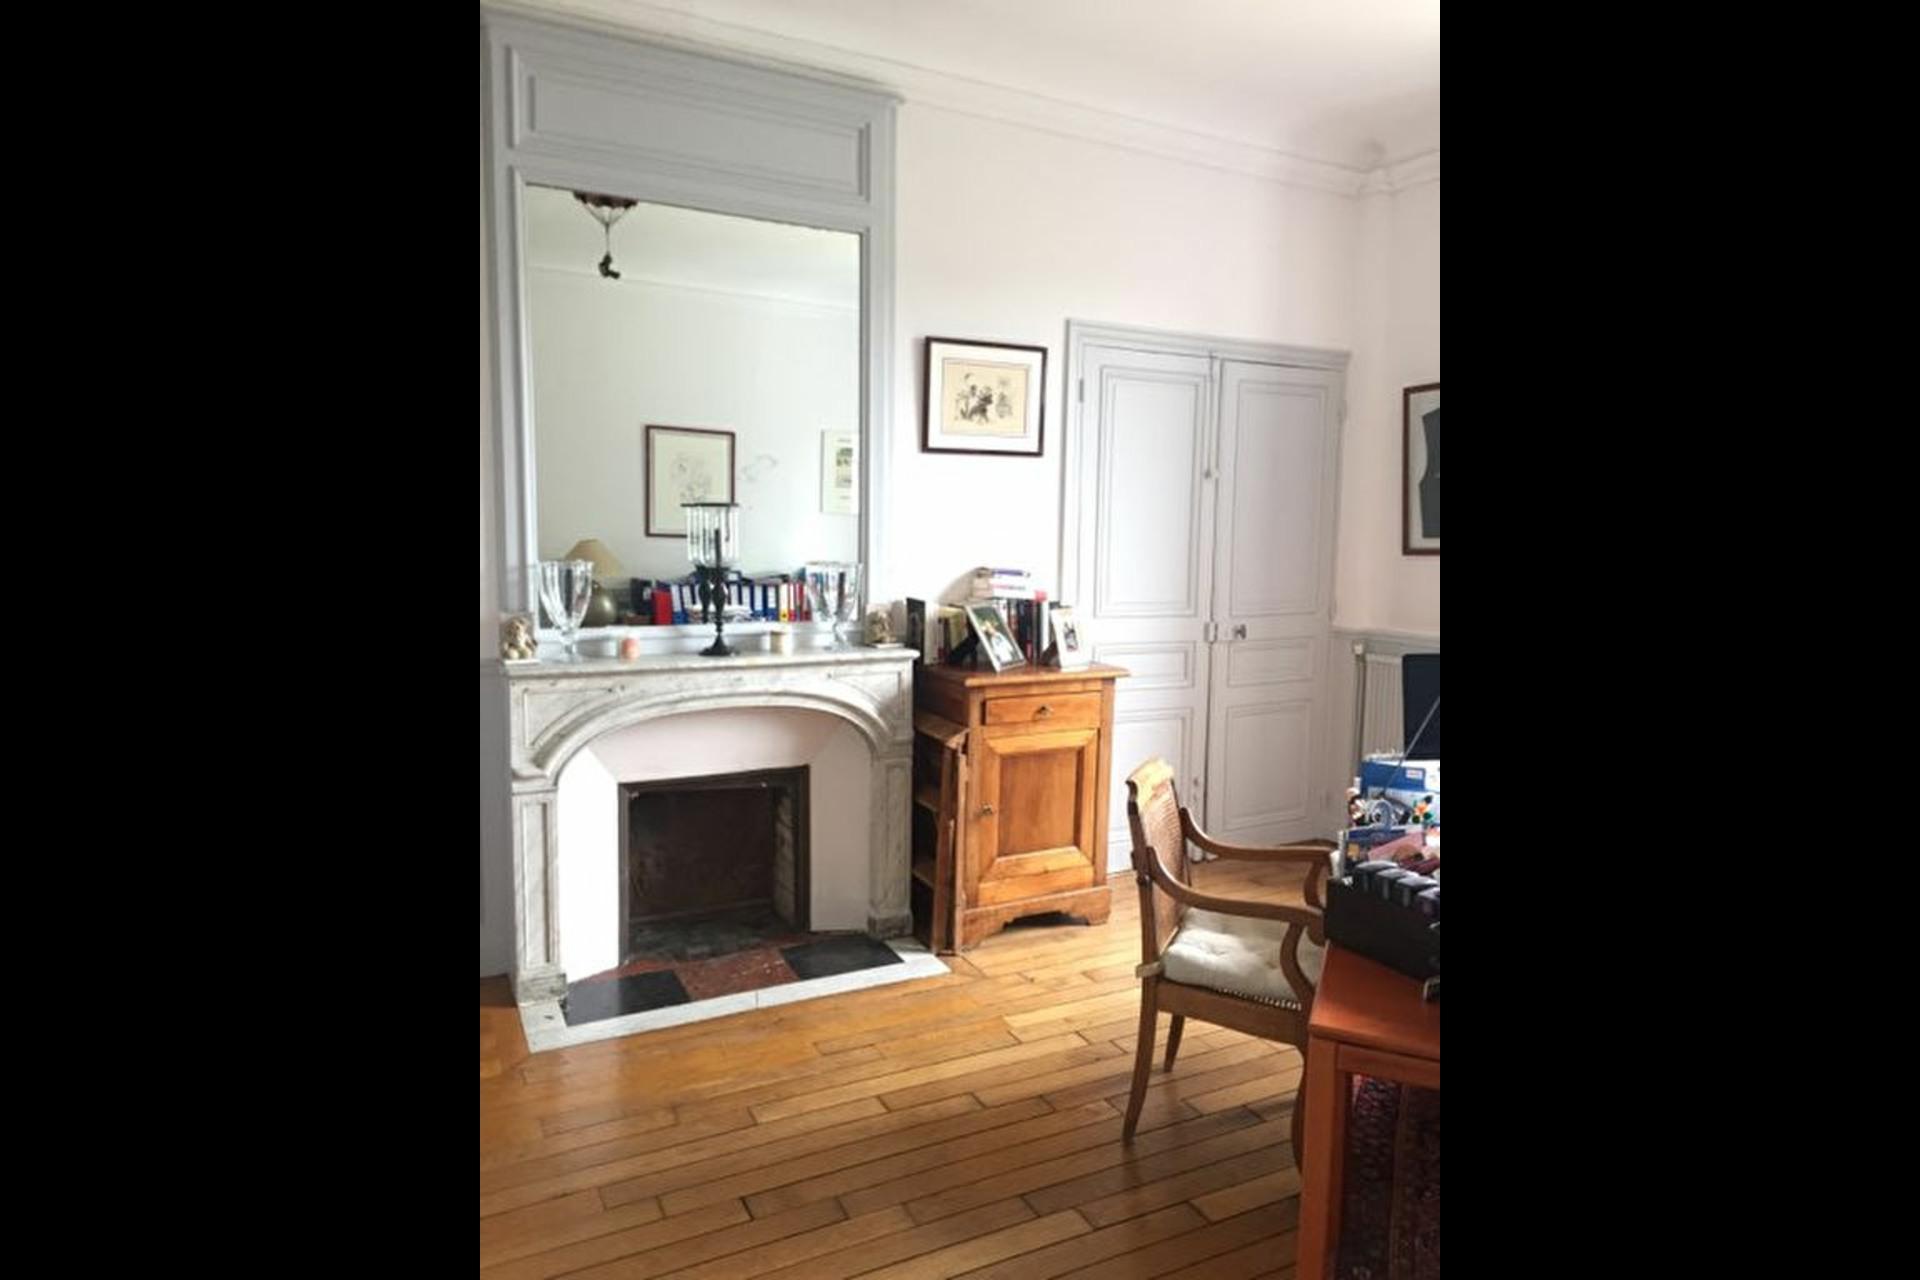 image 6 - Apartment For rent saint germain en laye - 6 rooms